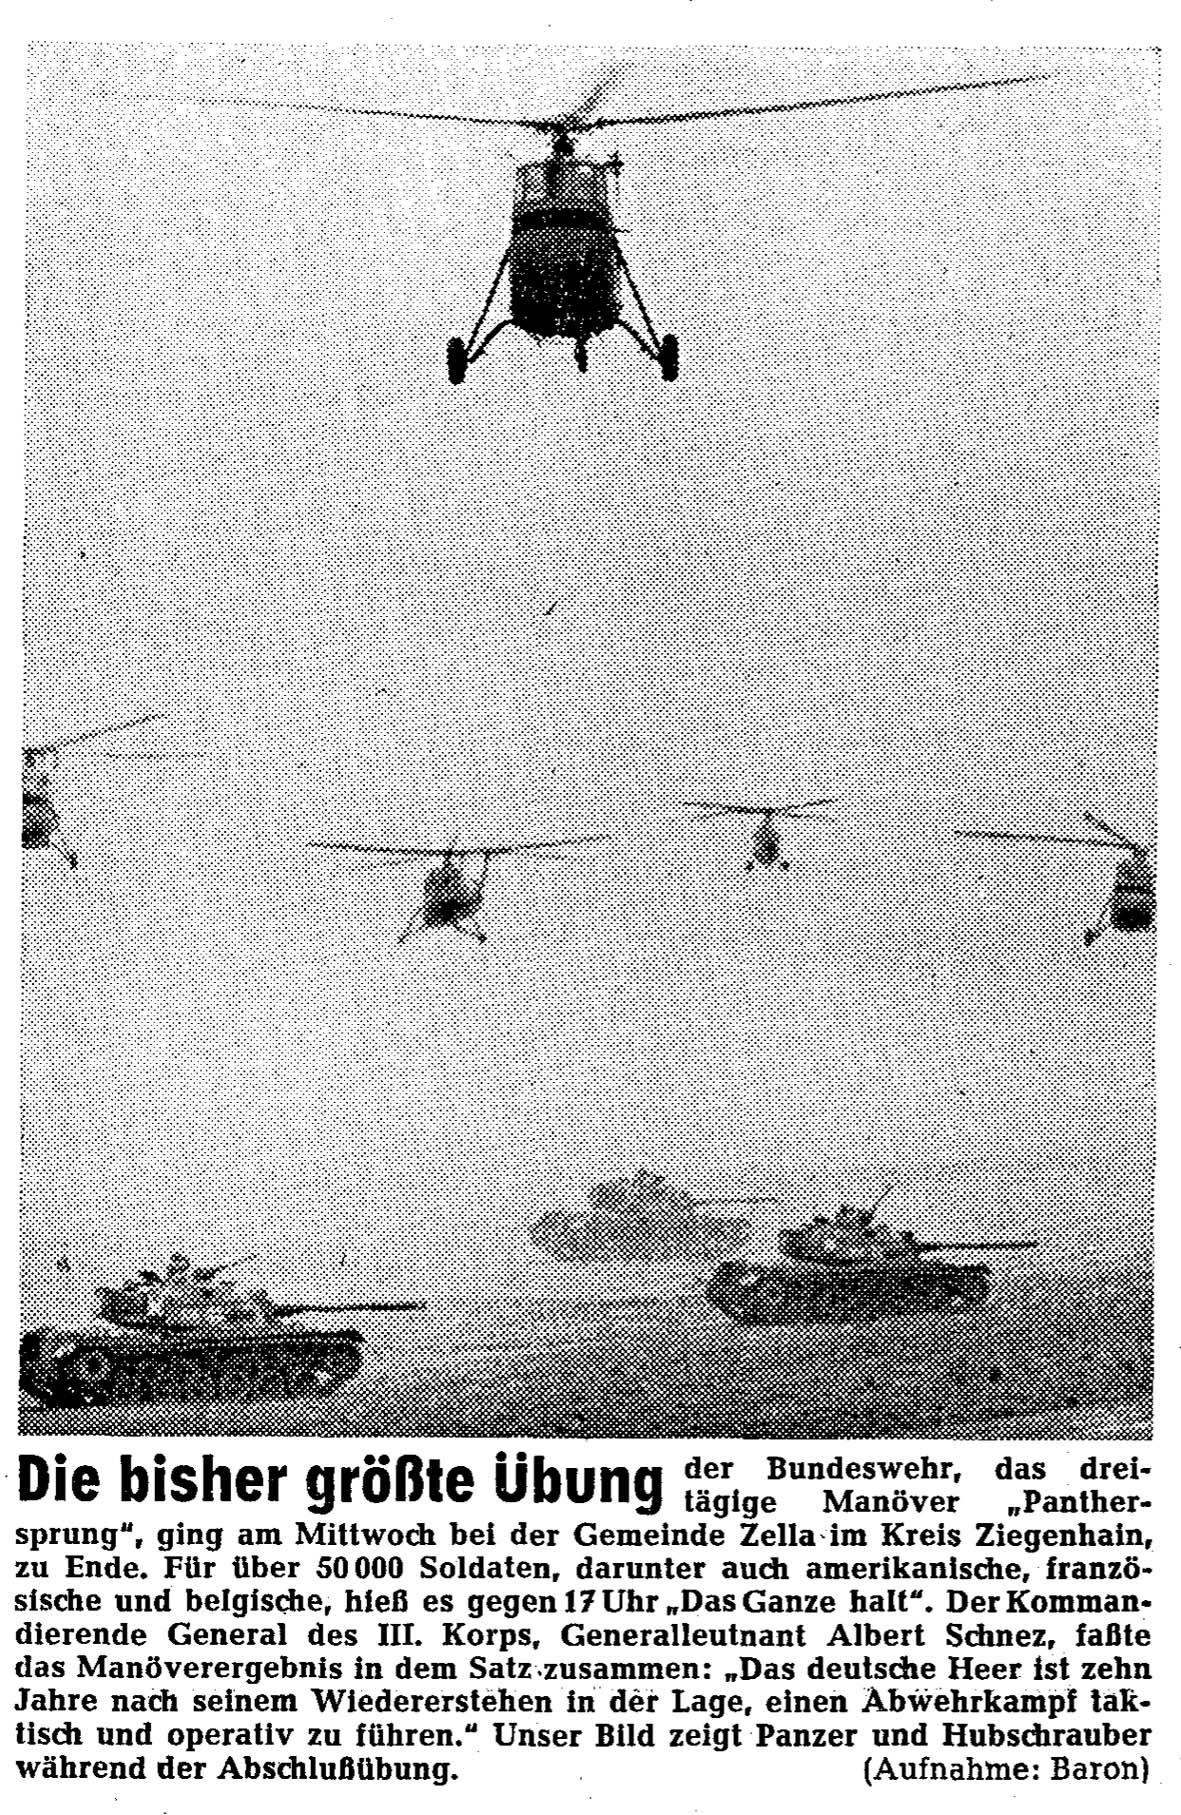 Panthersprung 19.1.1967.jpg